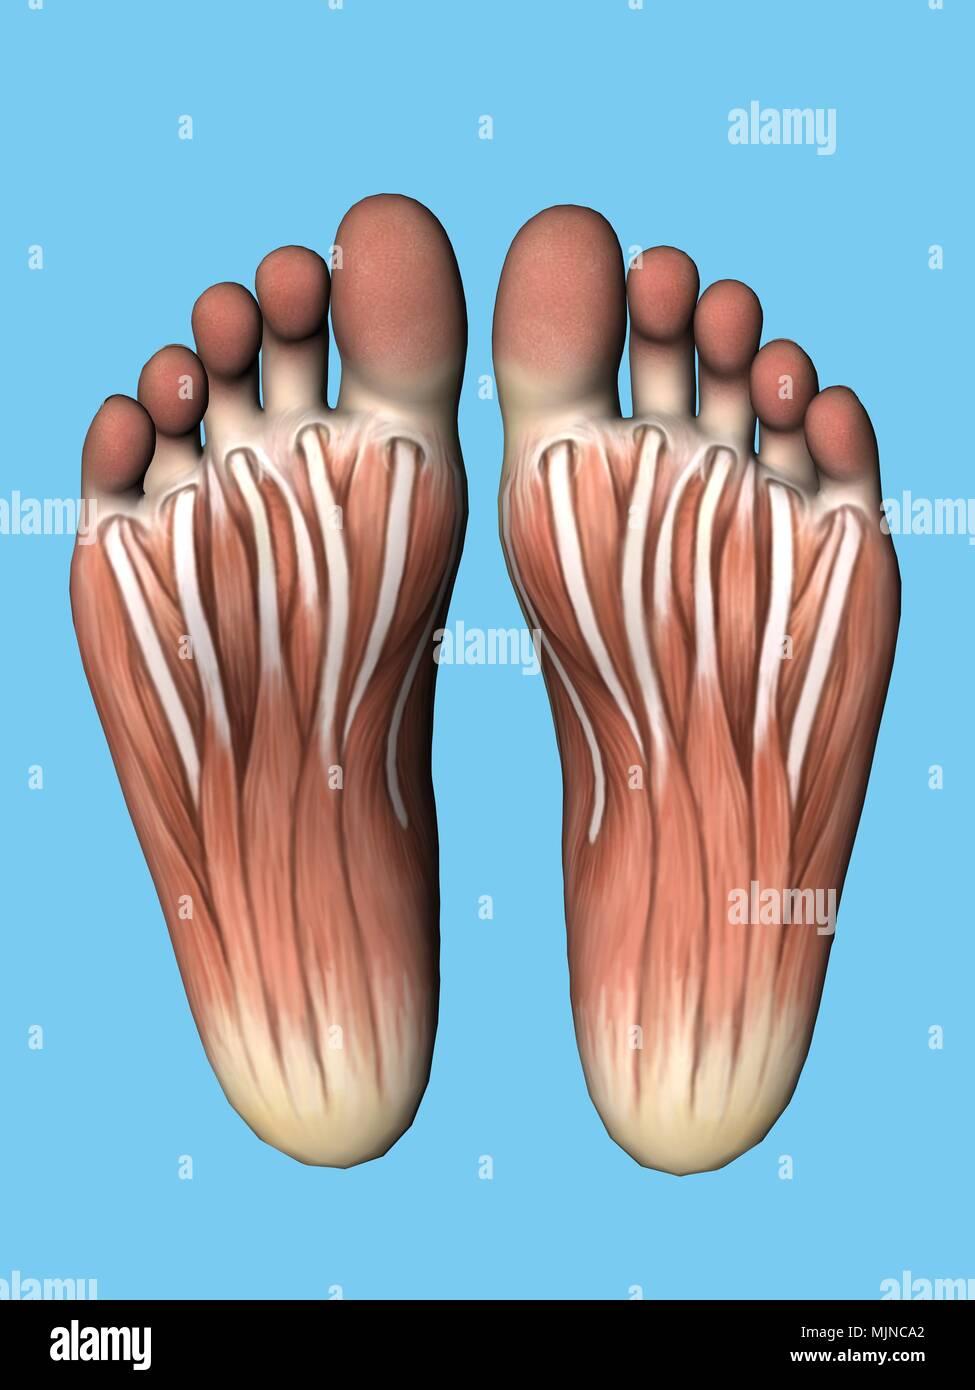 Anatomie, Ansicht von unten Stockfoto, Bild: 183638170 - Alamy